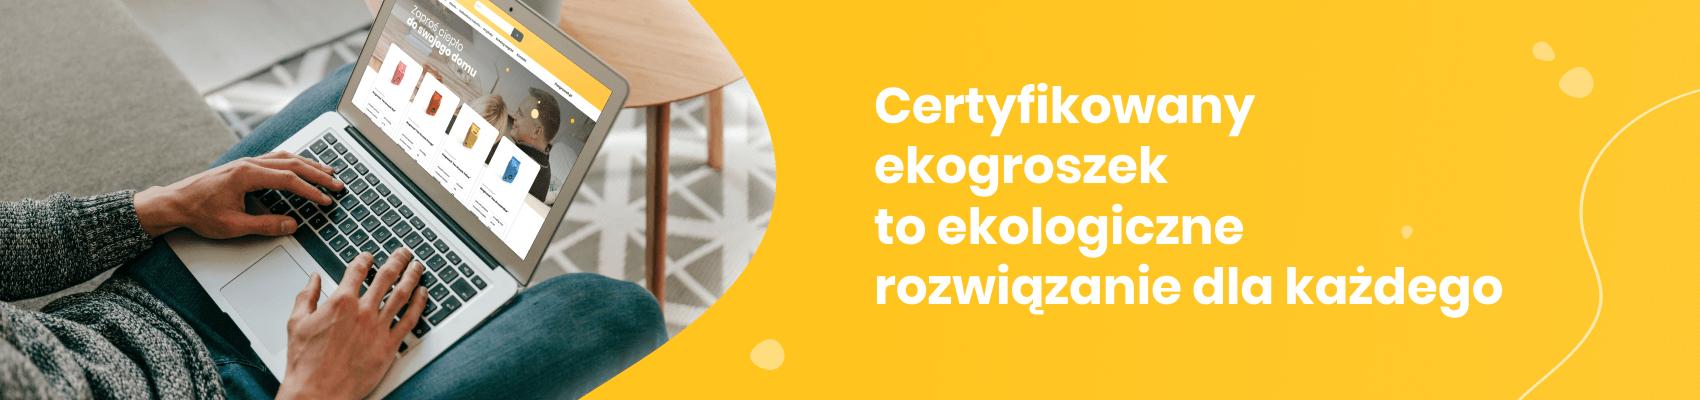 Certyfikowany ekogroszek